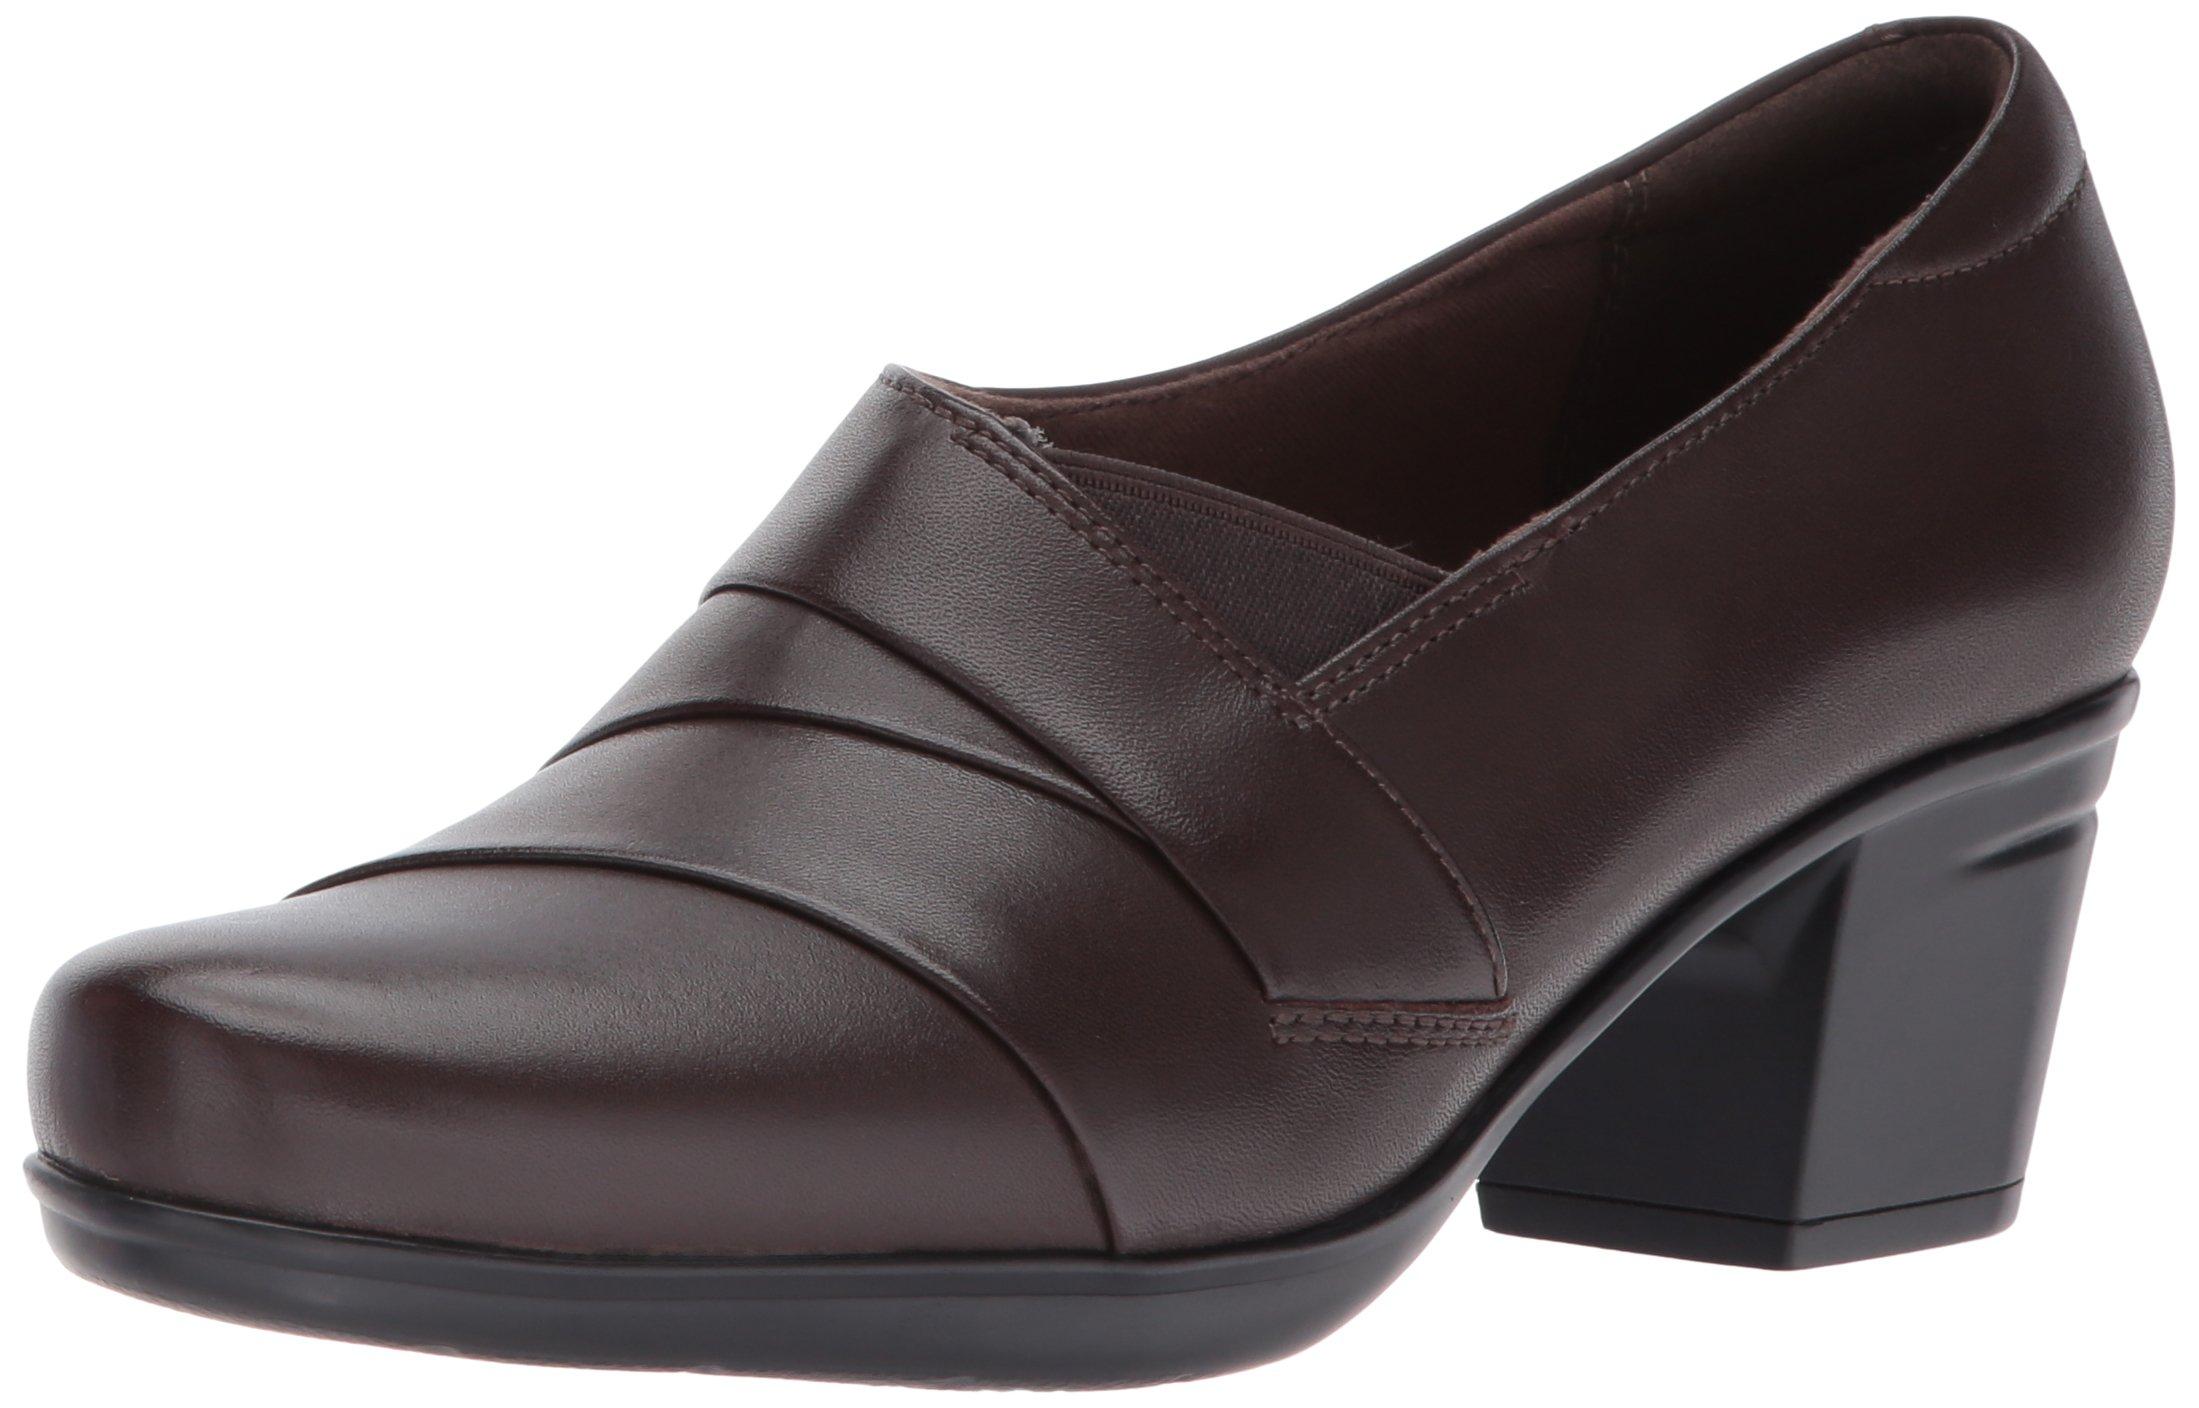 Clarks Women's Emslie Warbler Pump,Dark Brown Leather,8.5 M US